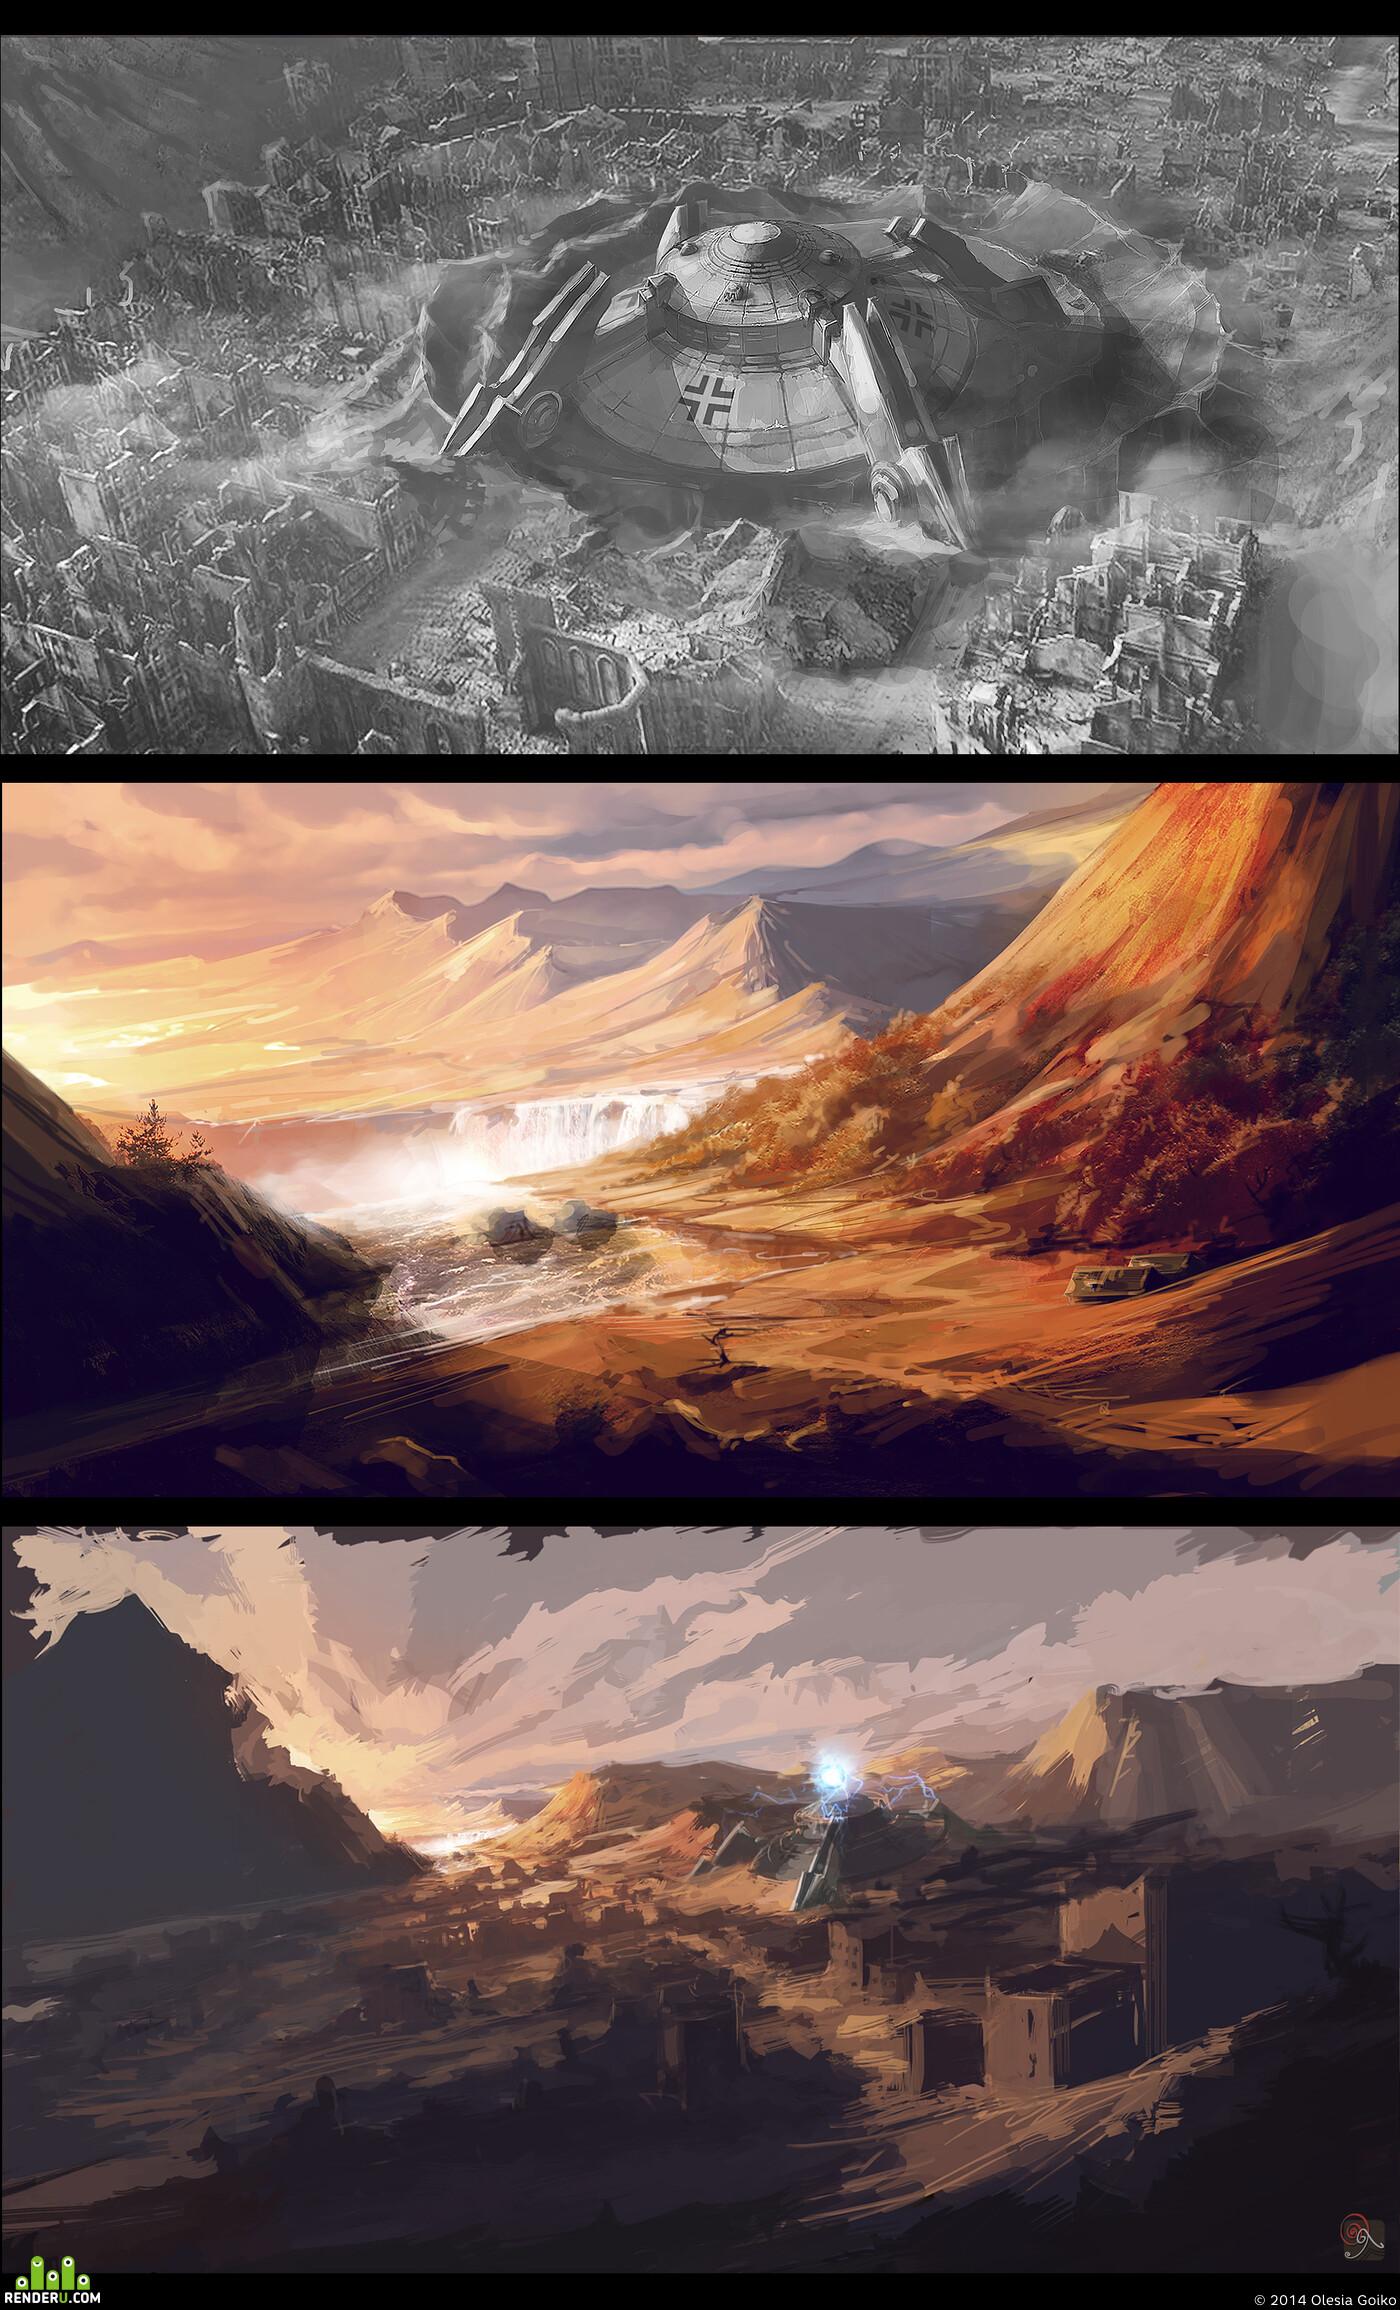 Концепт-арт, Танки, Пейзаж, альтернативная реальность, осень, горы